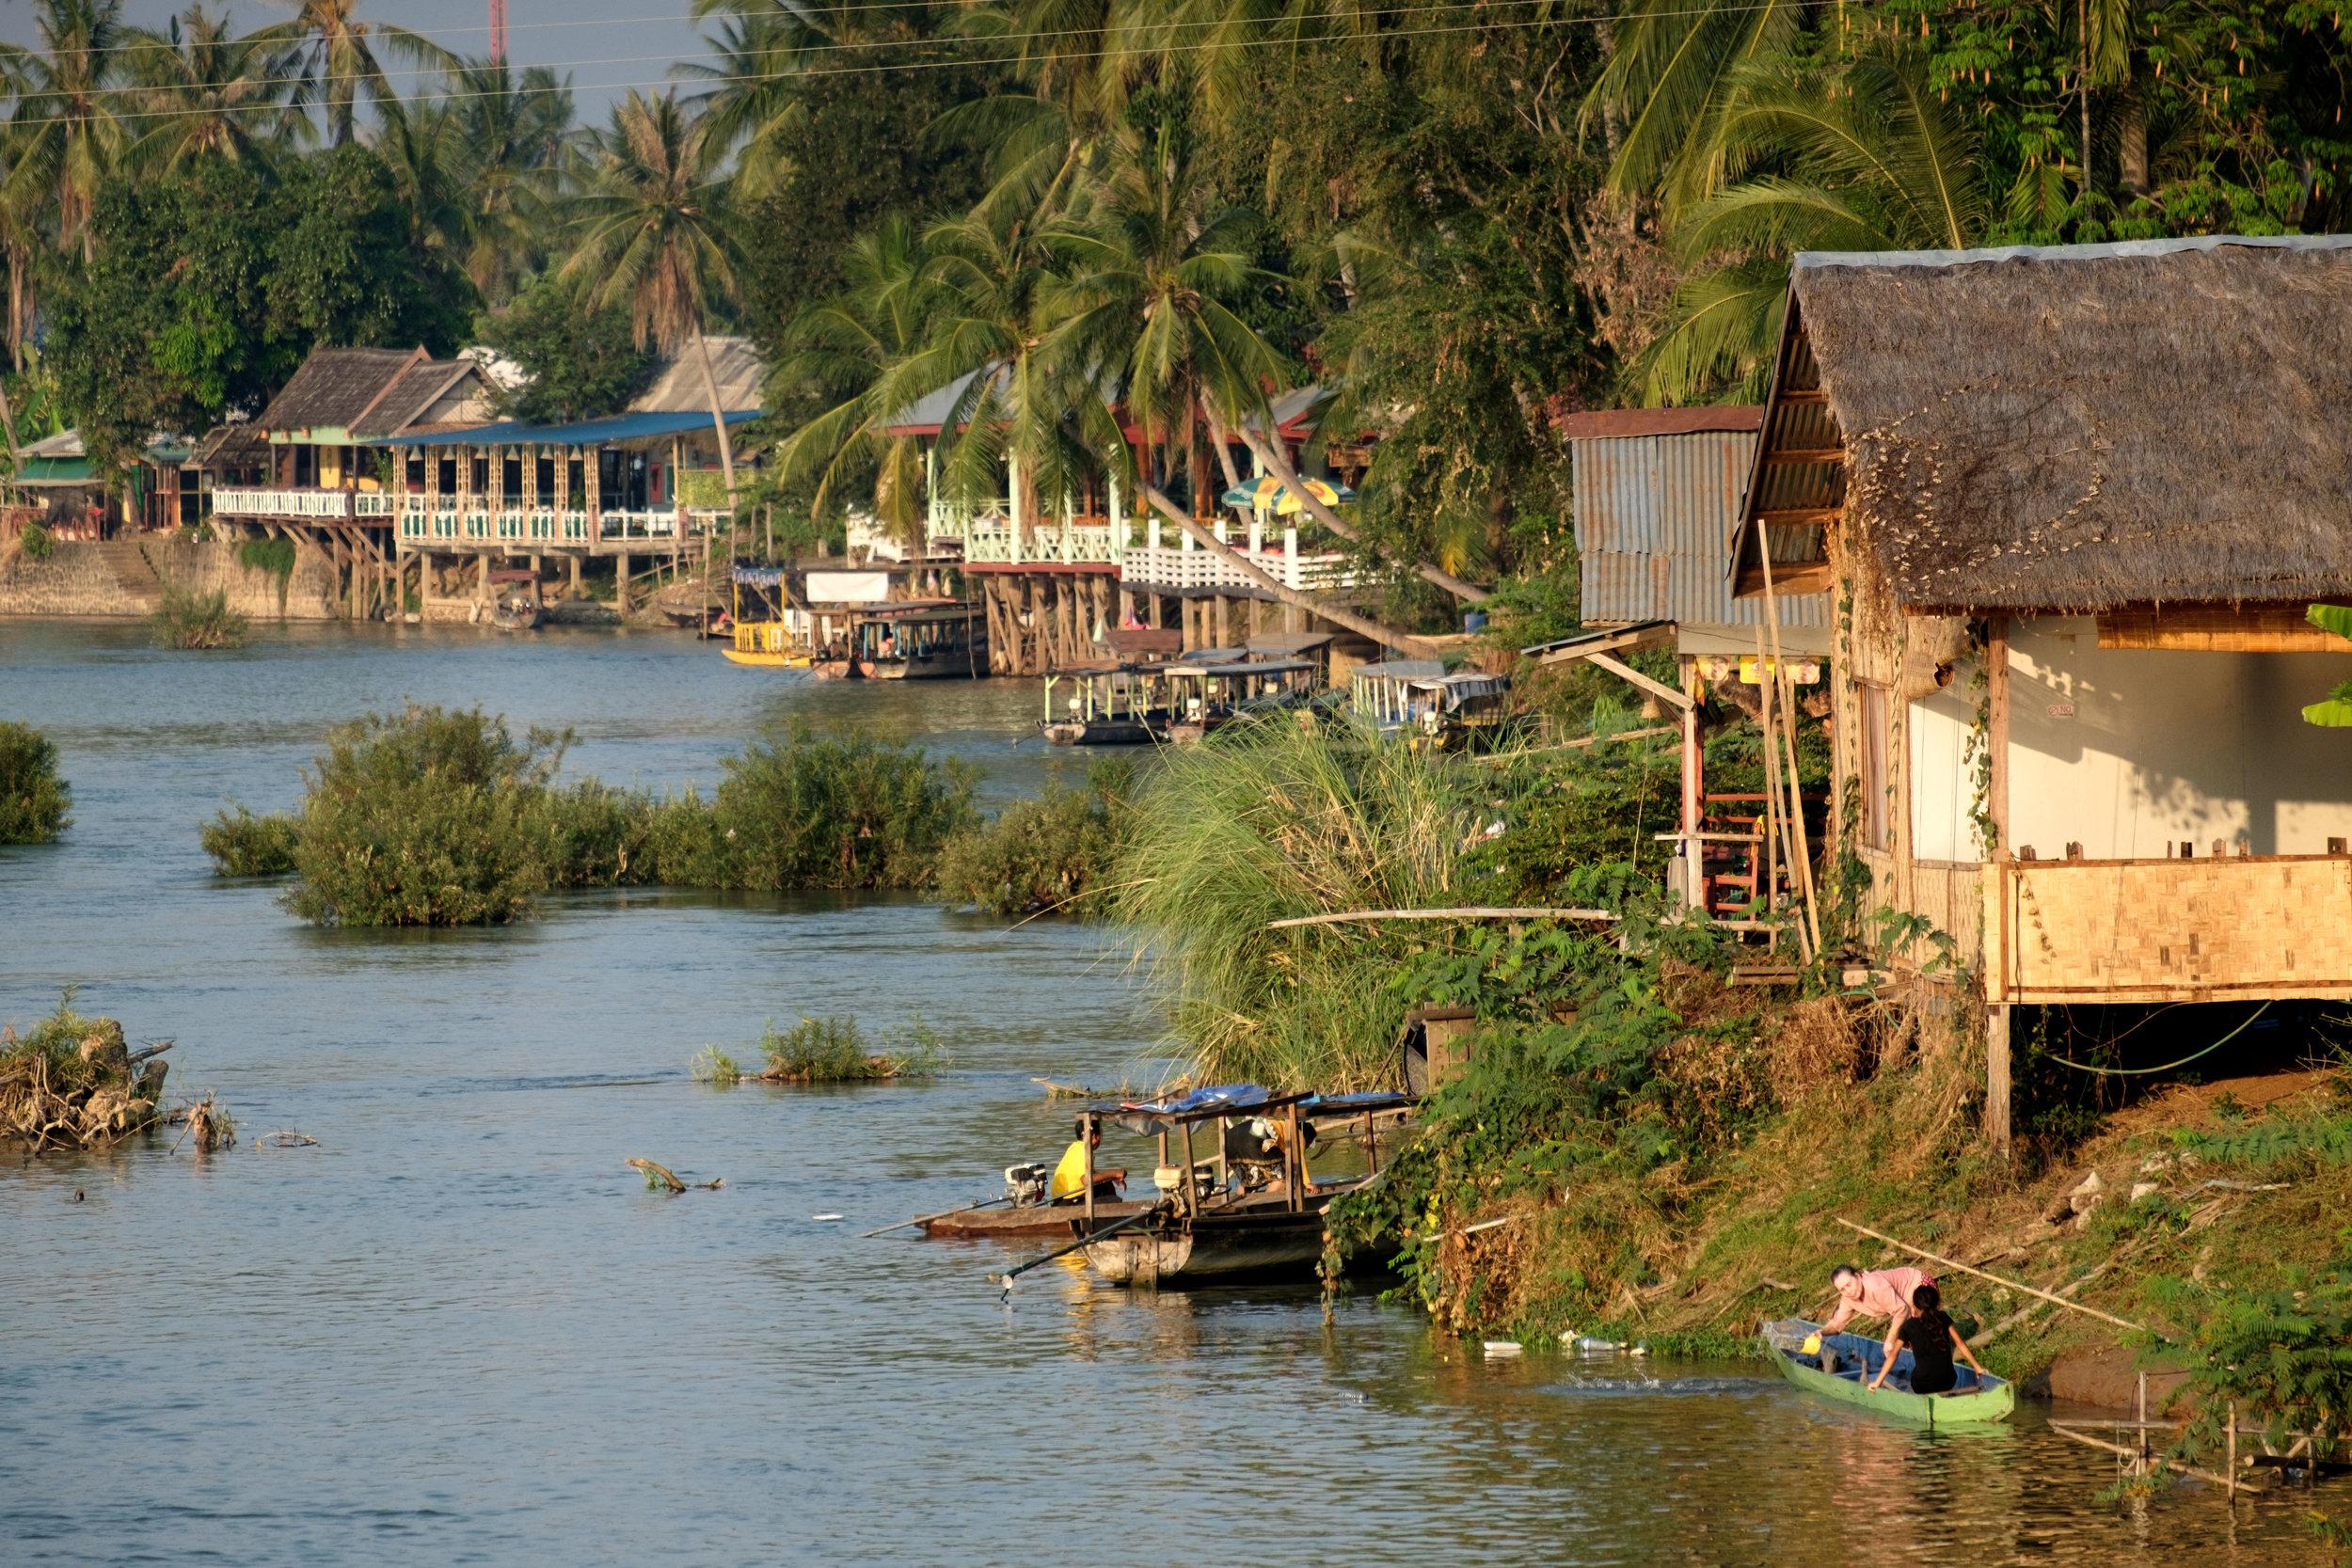 Les rivières sont encore des routes communes ici.